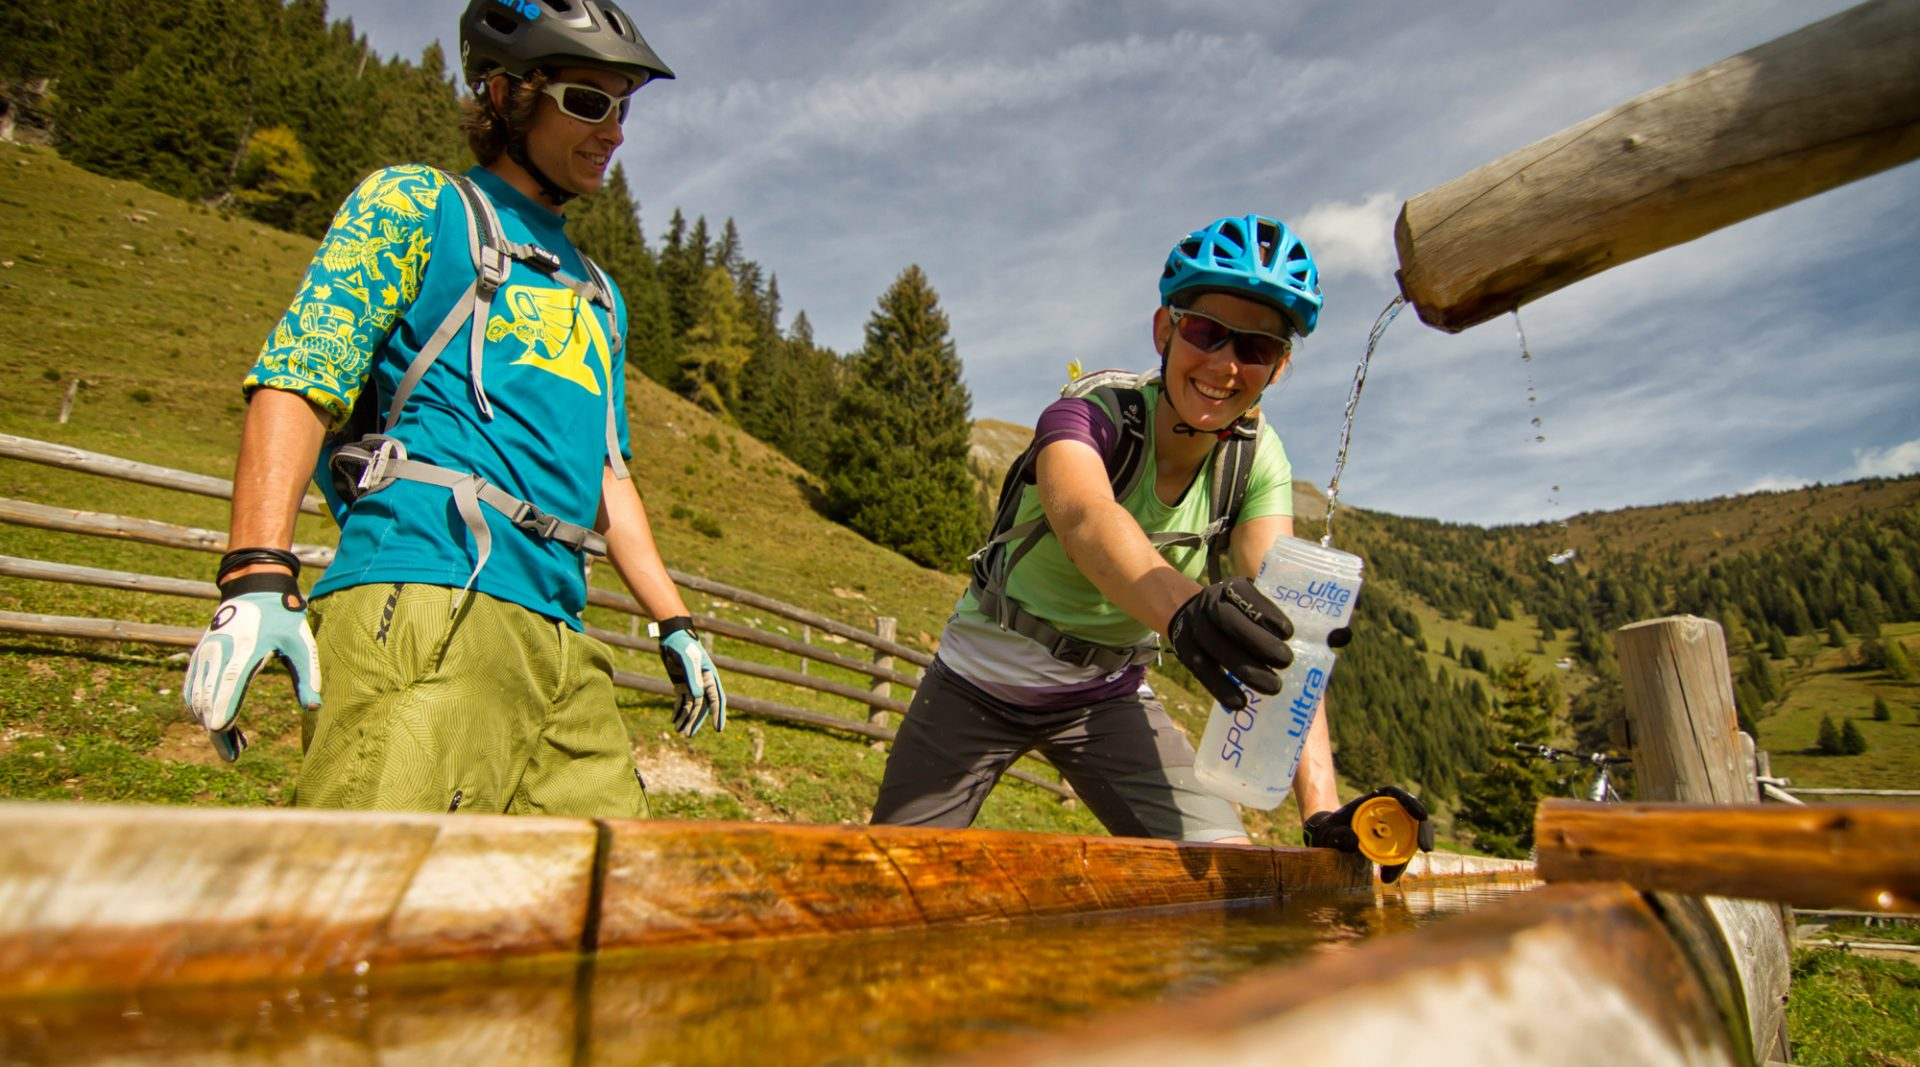 Ein Mountainbiker und eine Mountainbikerin mit Helm und Sonnenbrille stehen am Brunnen und füllen eine Wasserflasche mit Wasser auf